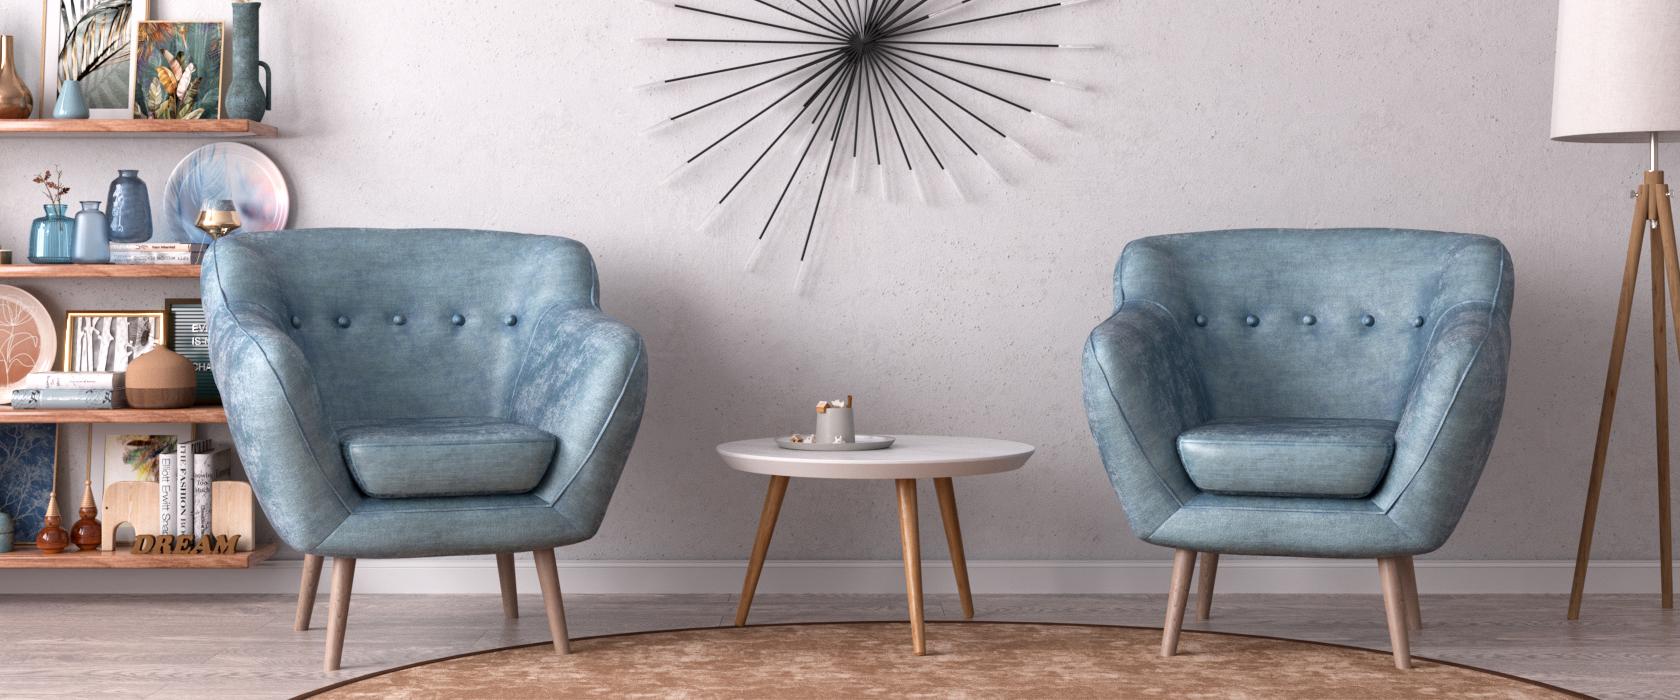 Кресло Callisto - Фото 2 - Pufetto